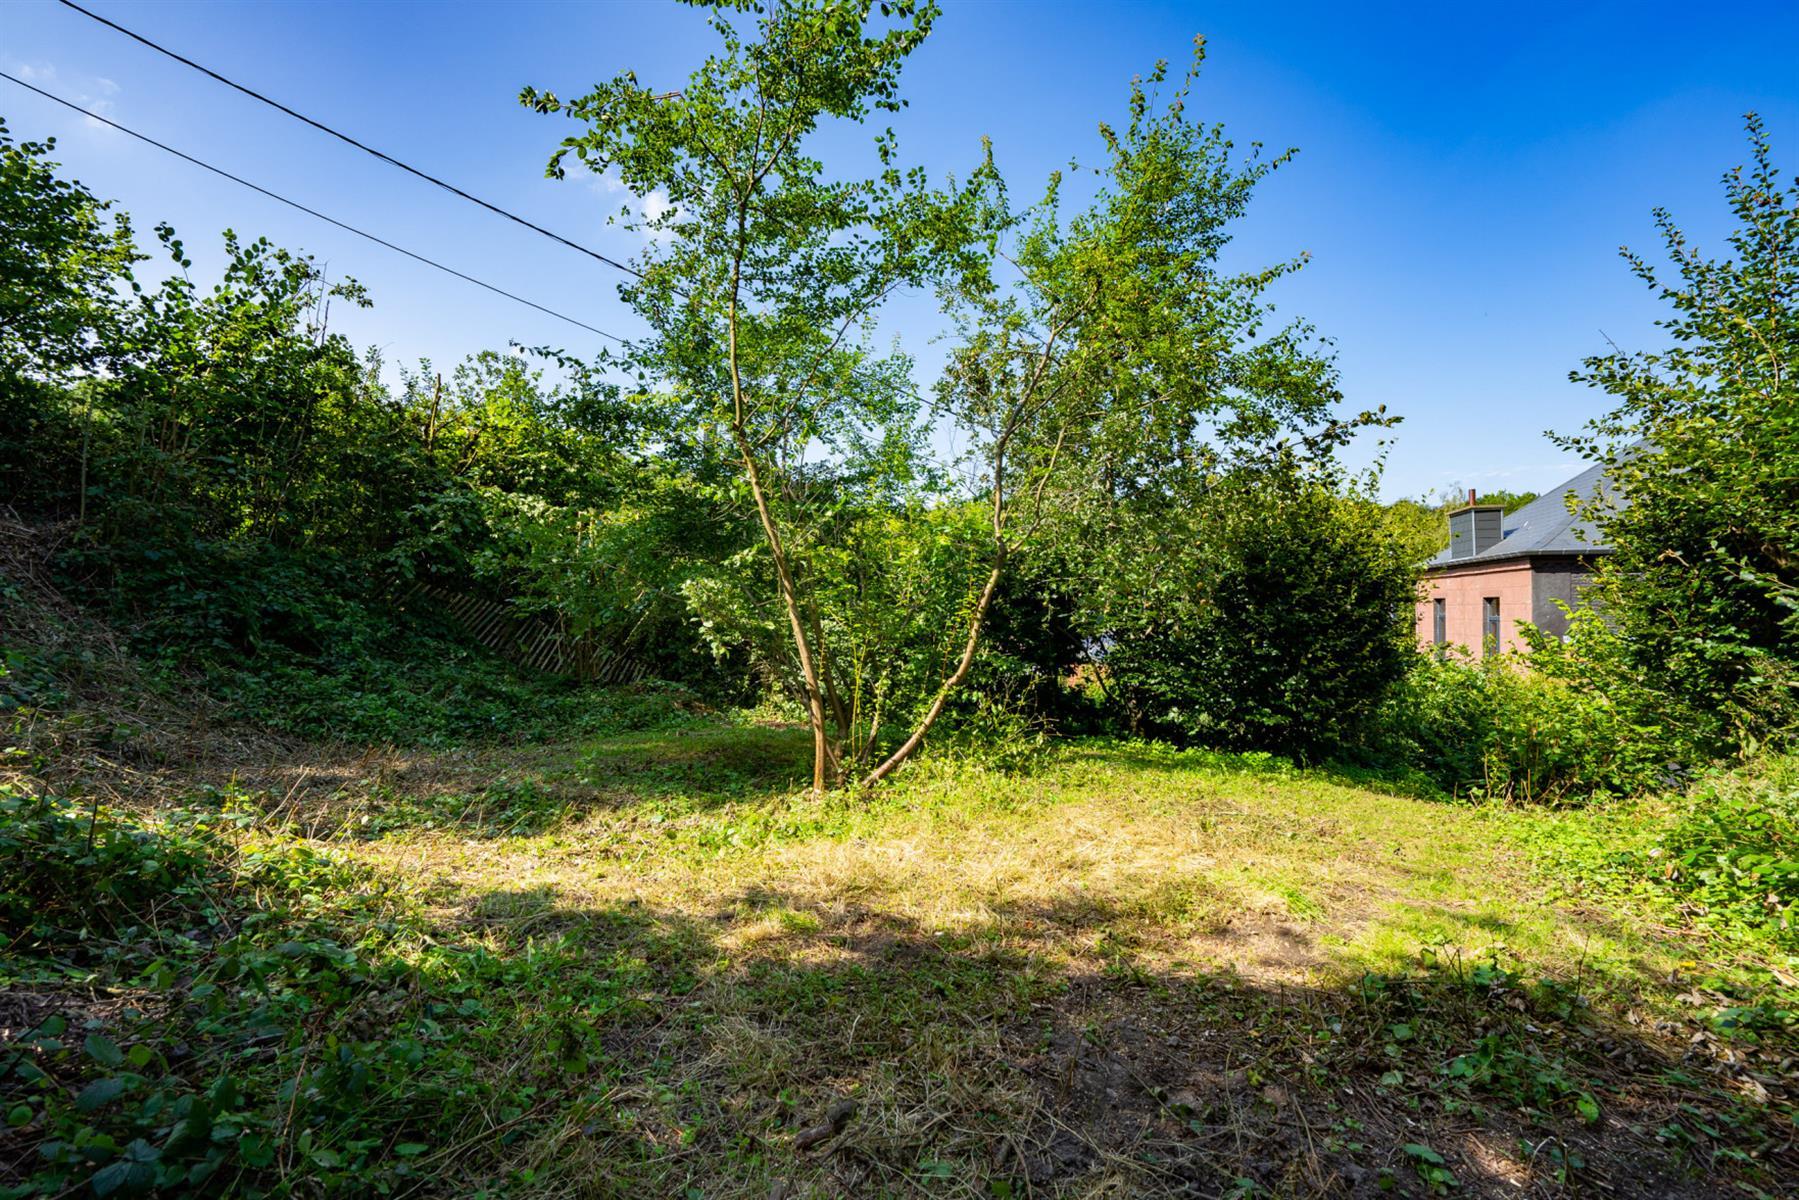 Maison - Villers-la-ville - #4490685-25